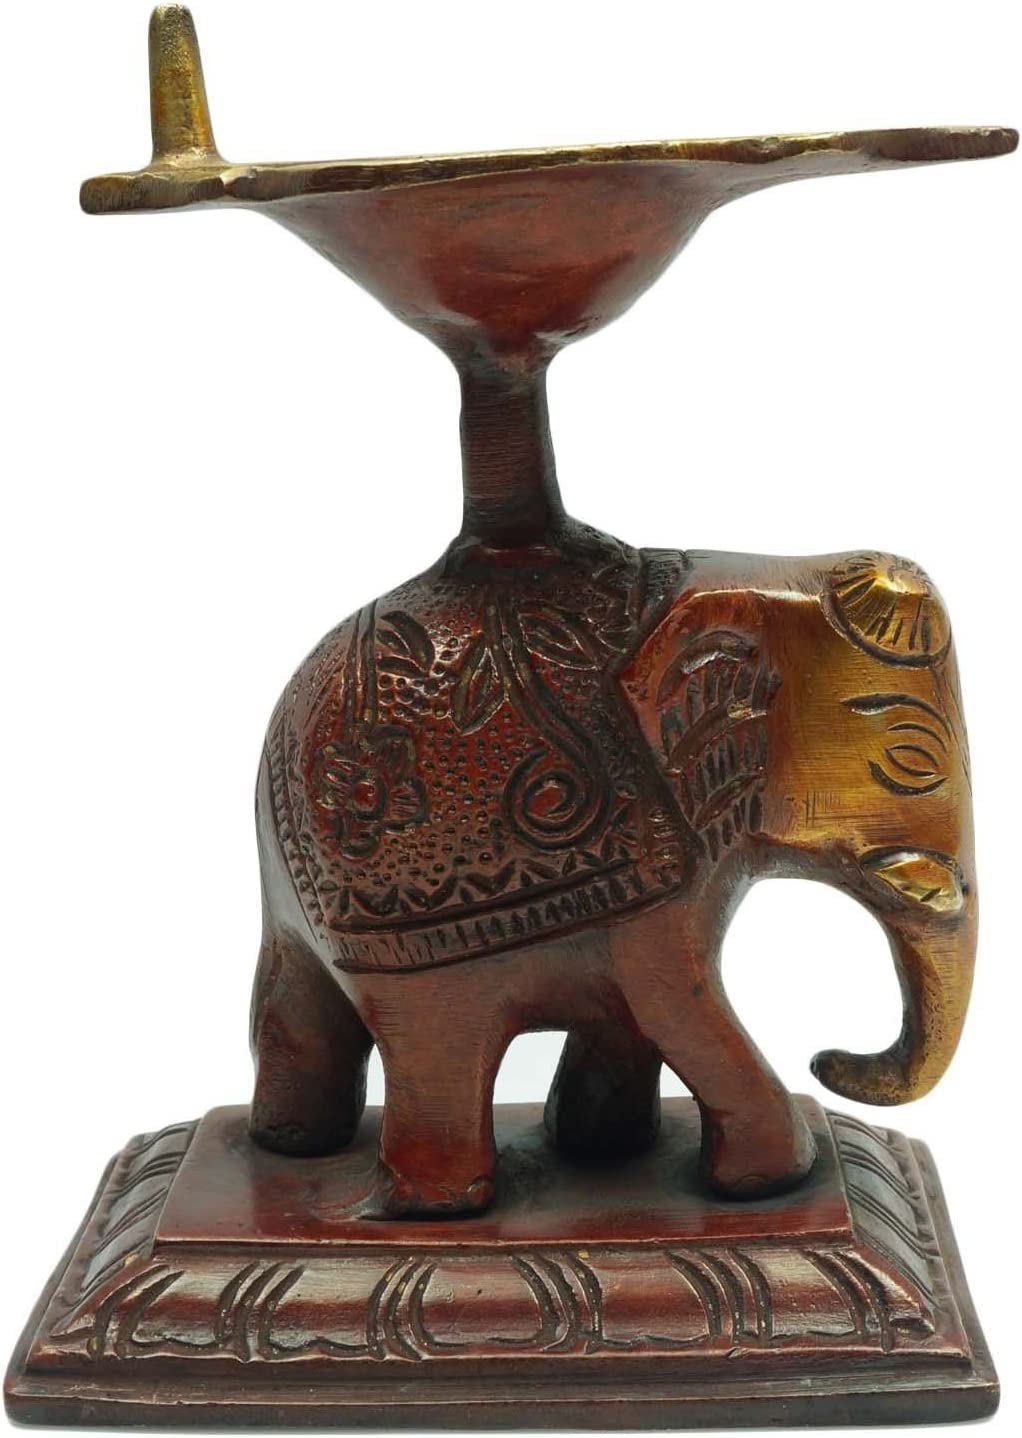 インドエスニックテーブル装飾用象のDiya Statueアンティークテーブルインテリア置物